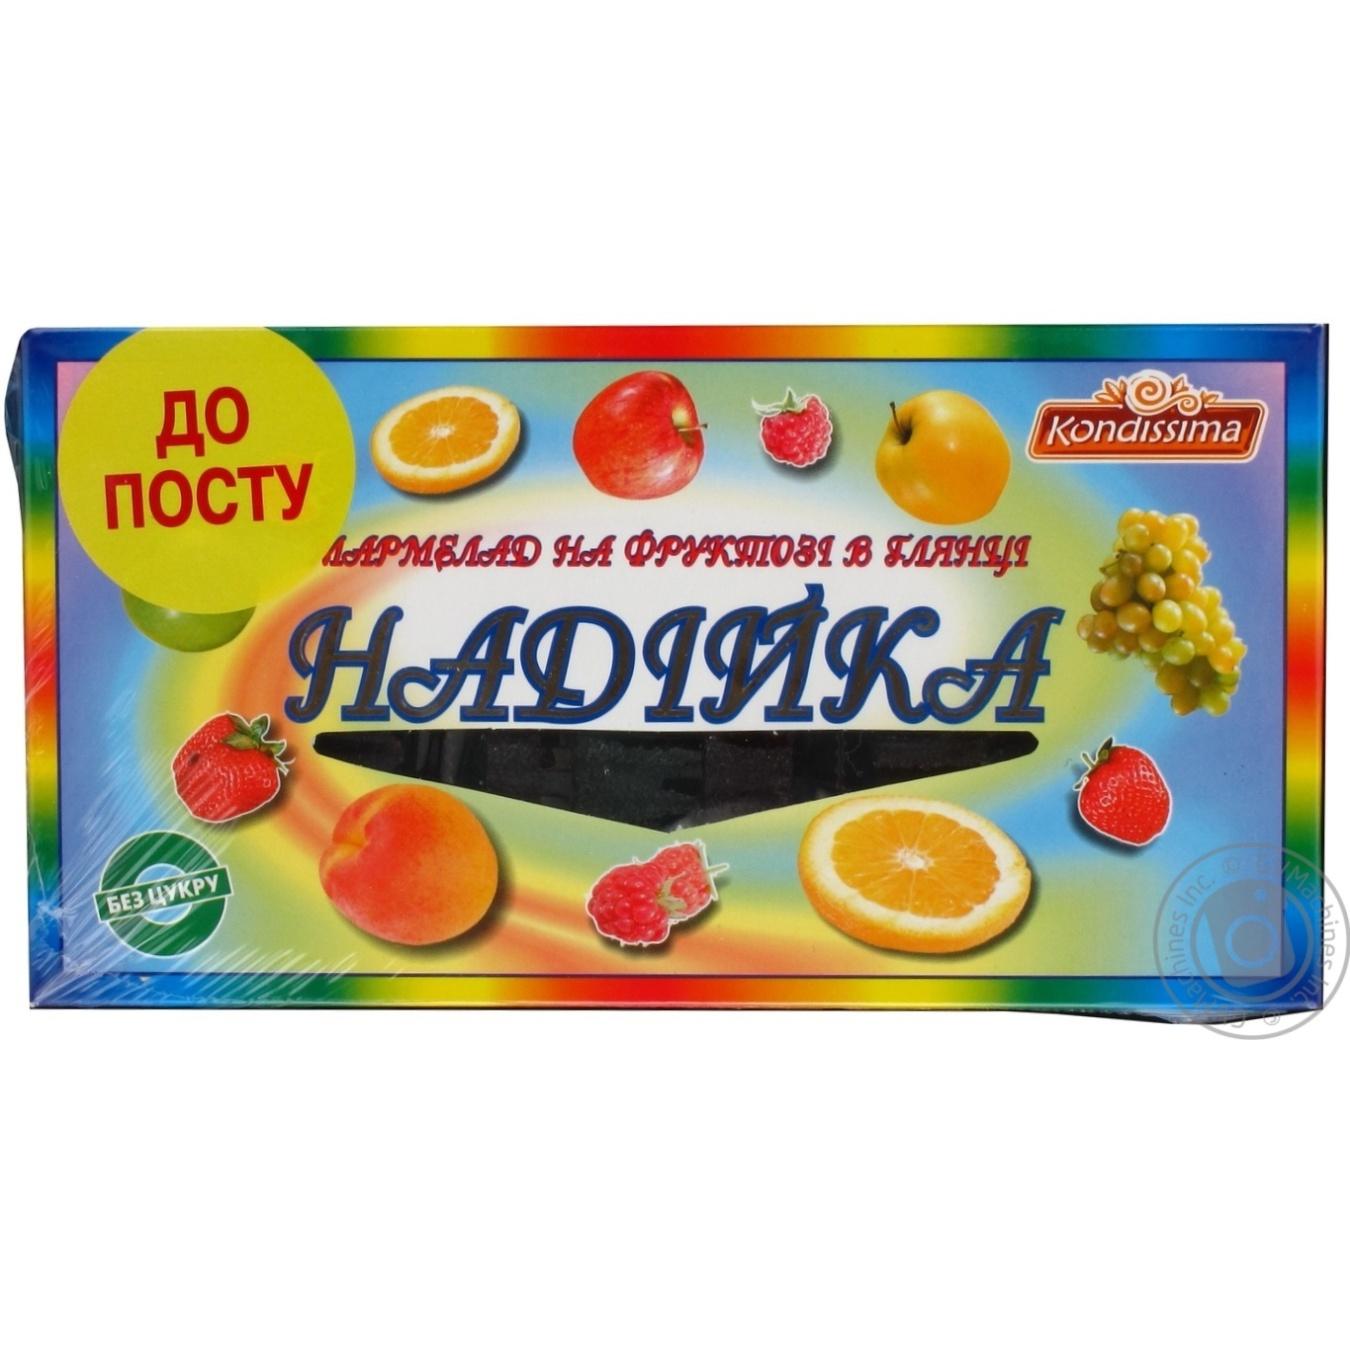 Купить КОНДІСІМА М-Д НАДІЙКА ФР 200Г